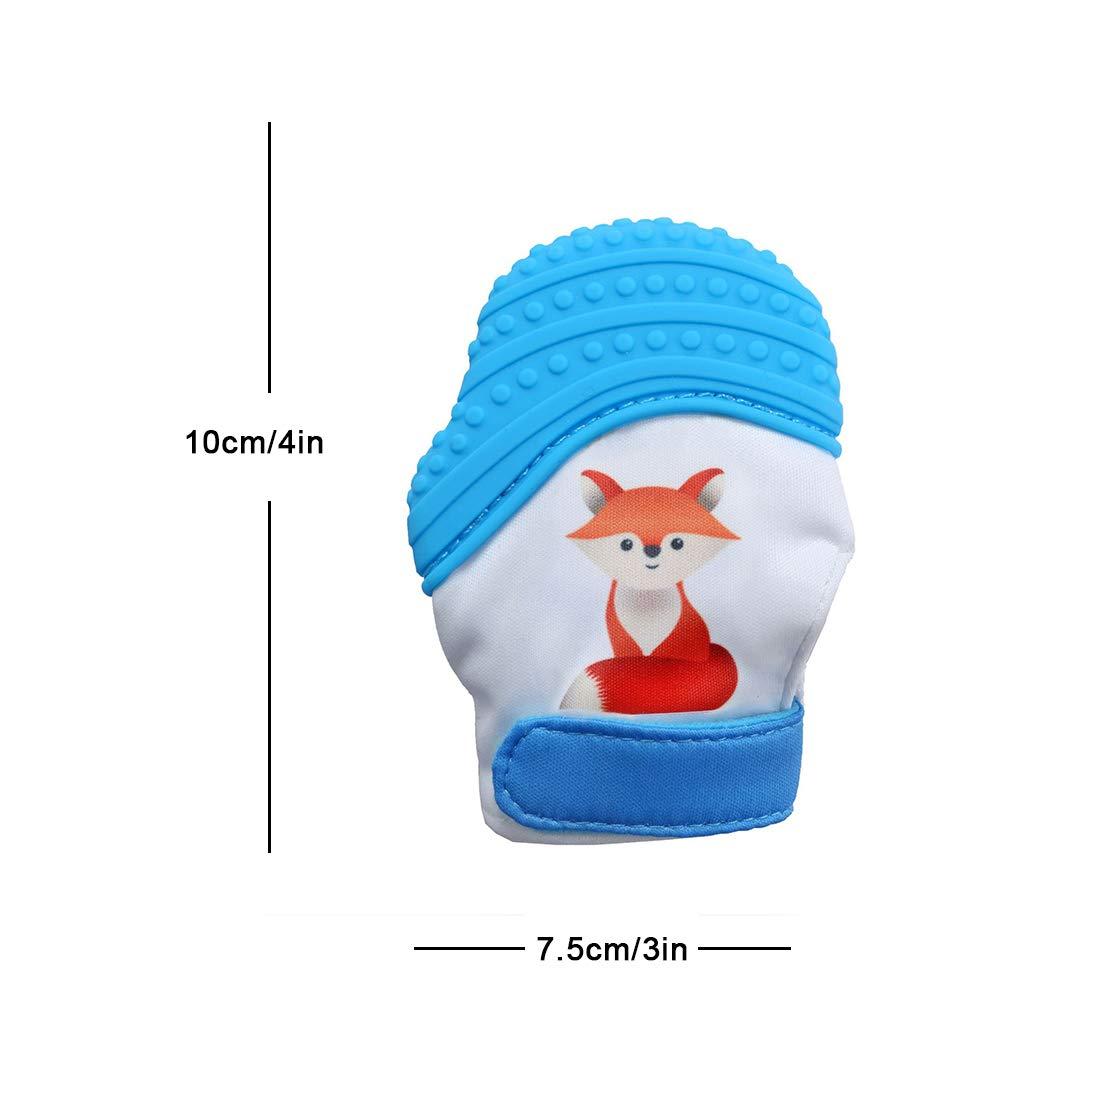 VIVO SUN Moufle Mitaine de dentition en silicone pour bébé gant de dentiton jouet dentition apaisante renard mignon-Bleu